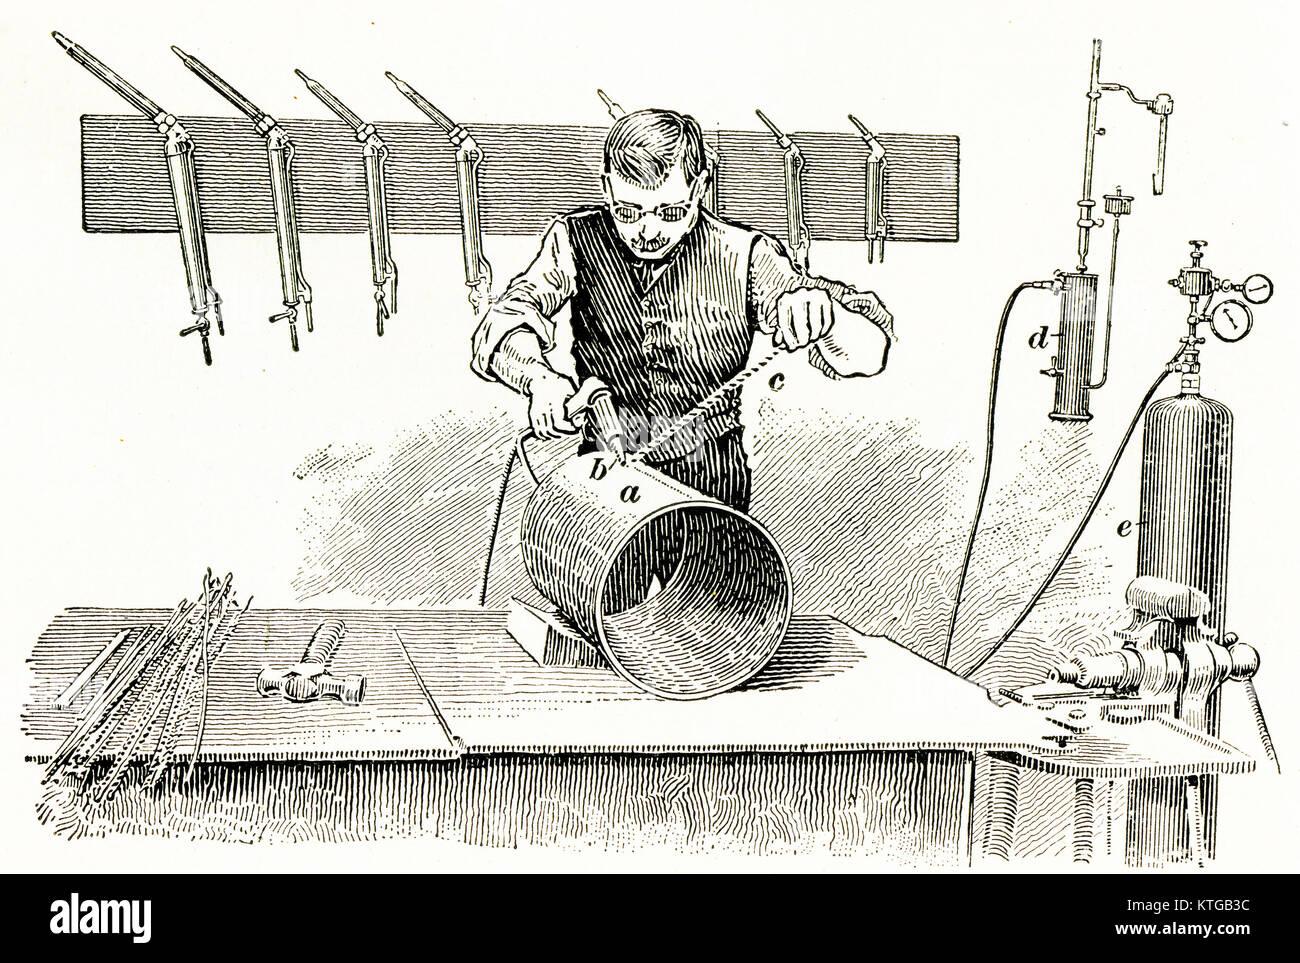 64095b4a62ae7 Grabado de un hombre soldando un cilindro de hierro forjado. Imagen De Stock